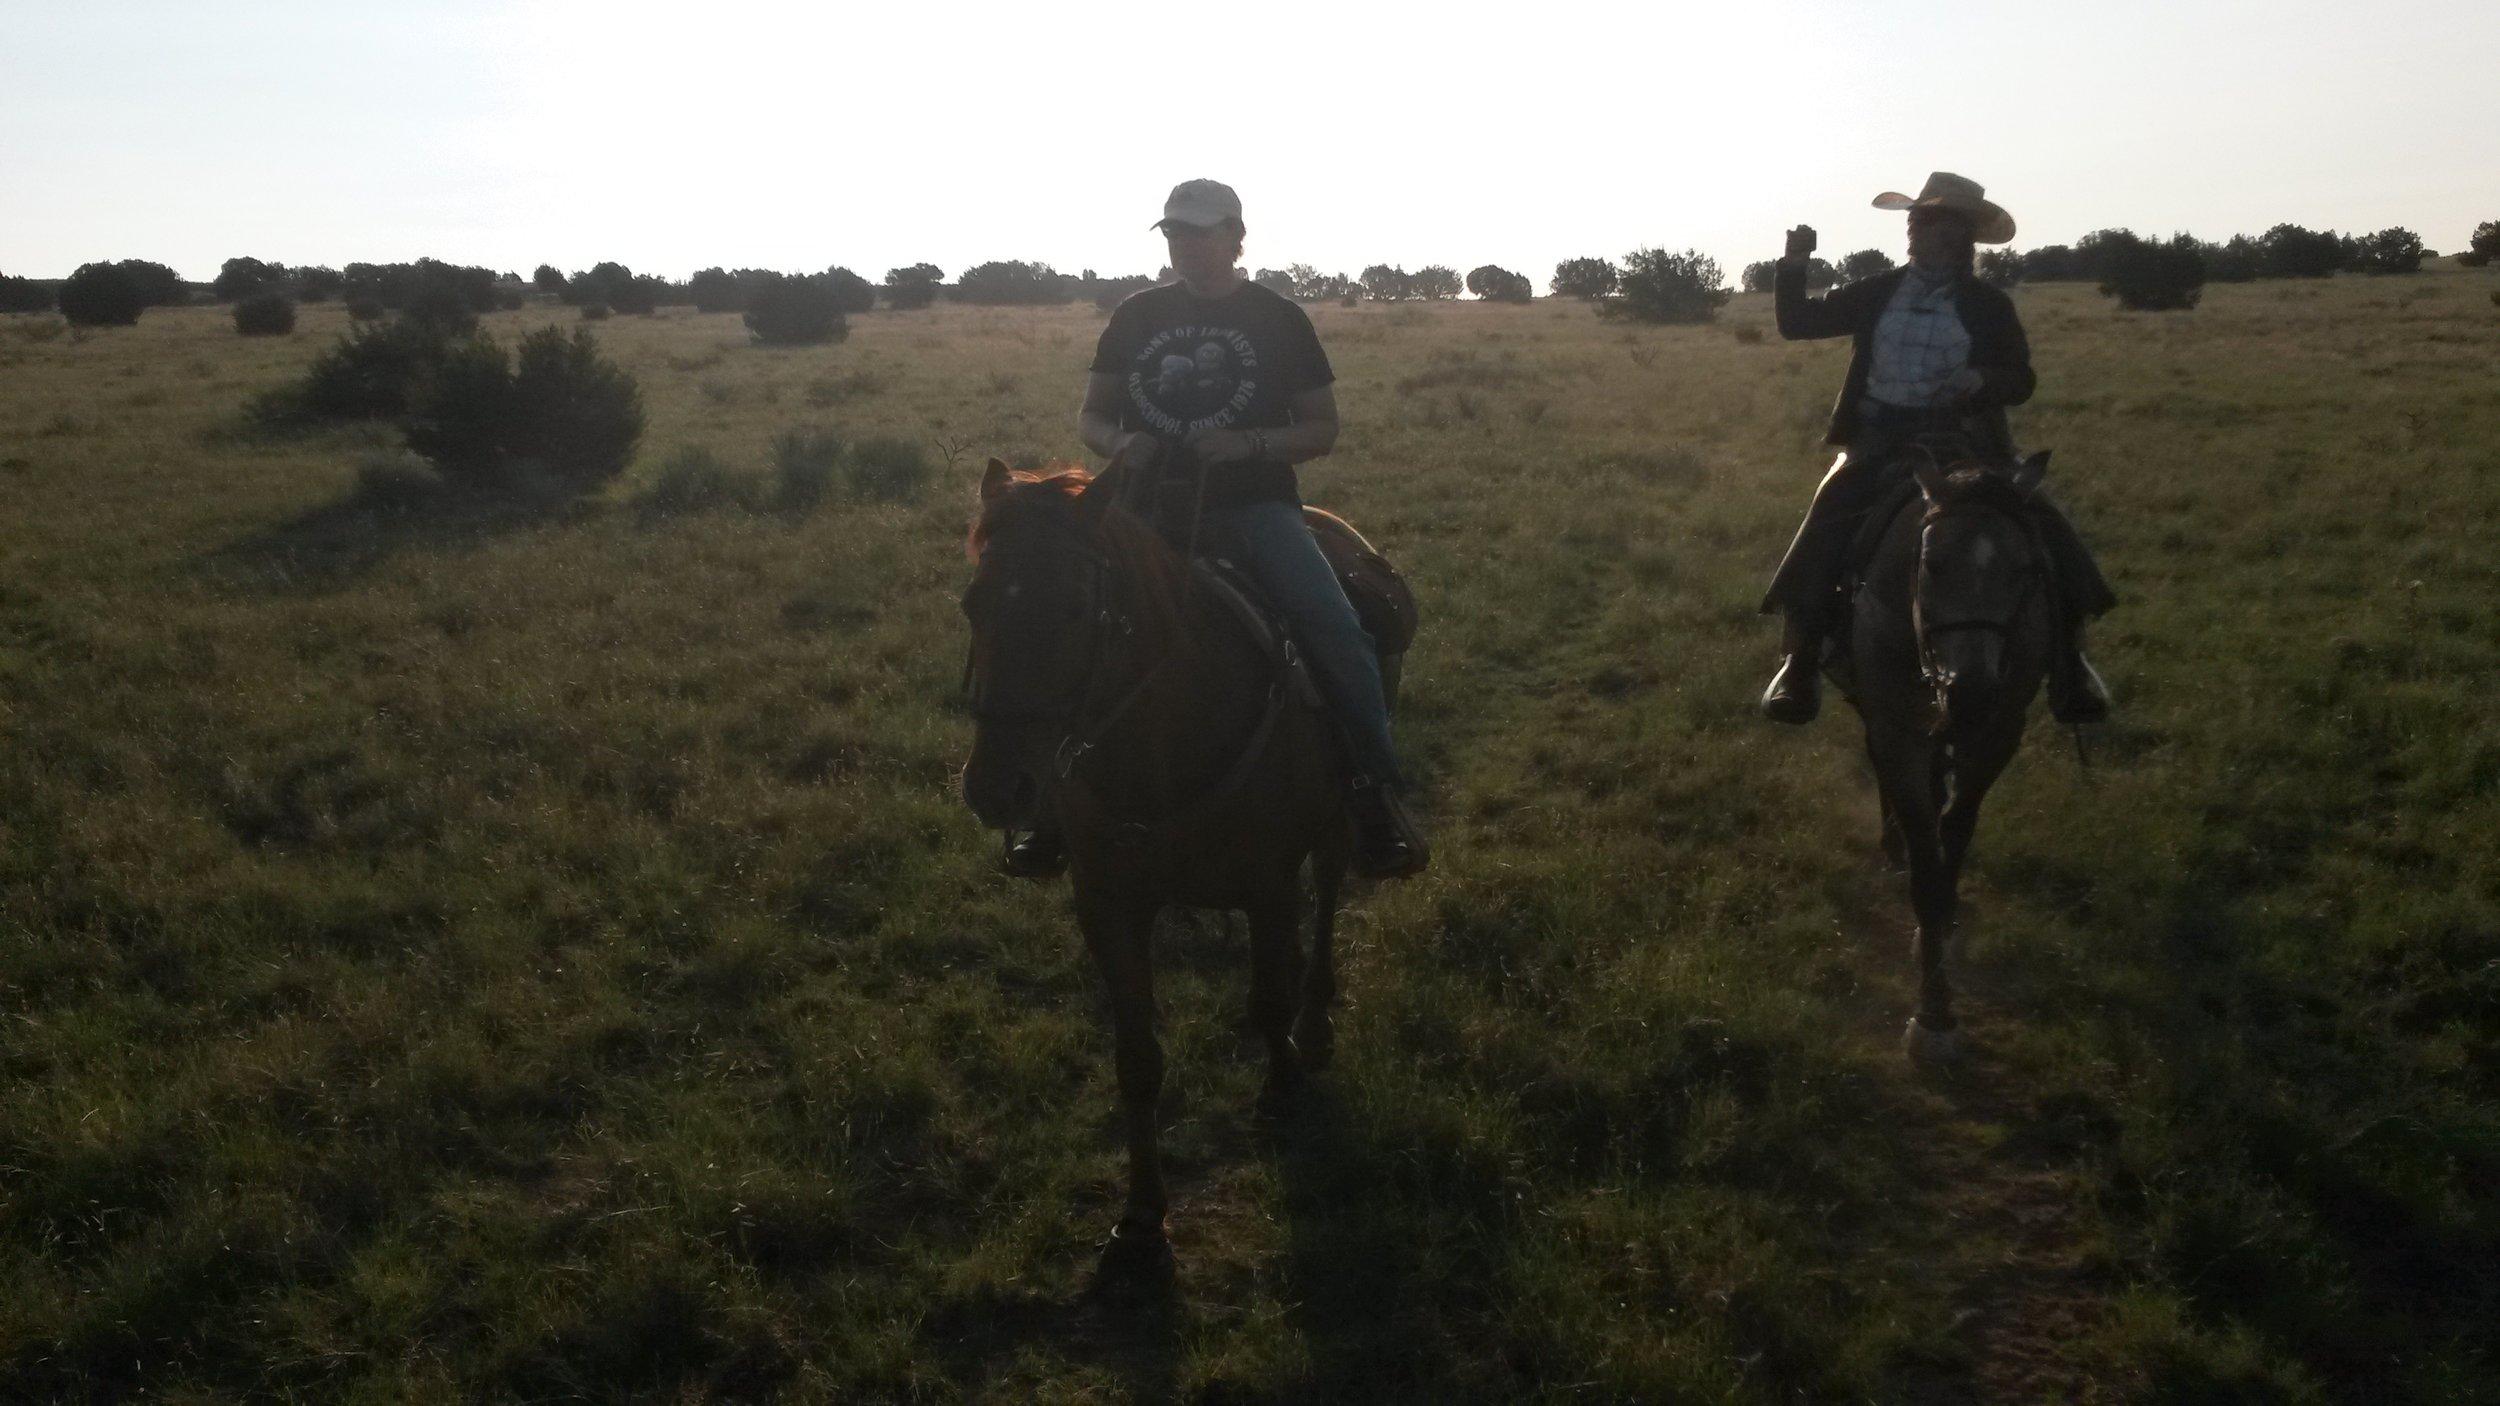 End of August we helped neighbors with their branding. Here Birgit on Butch and I on King on our way to the cattle.  Ende August haben wir unseren Nachbarn beim Branding geholfen. Hier Birgit auf Butch und ich auf King auf dem Weg zu den Rindern.